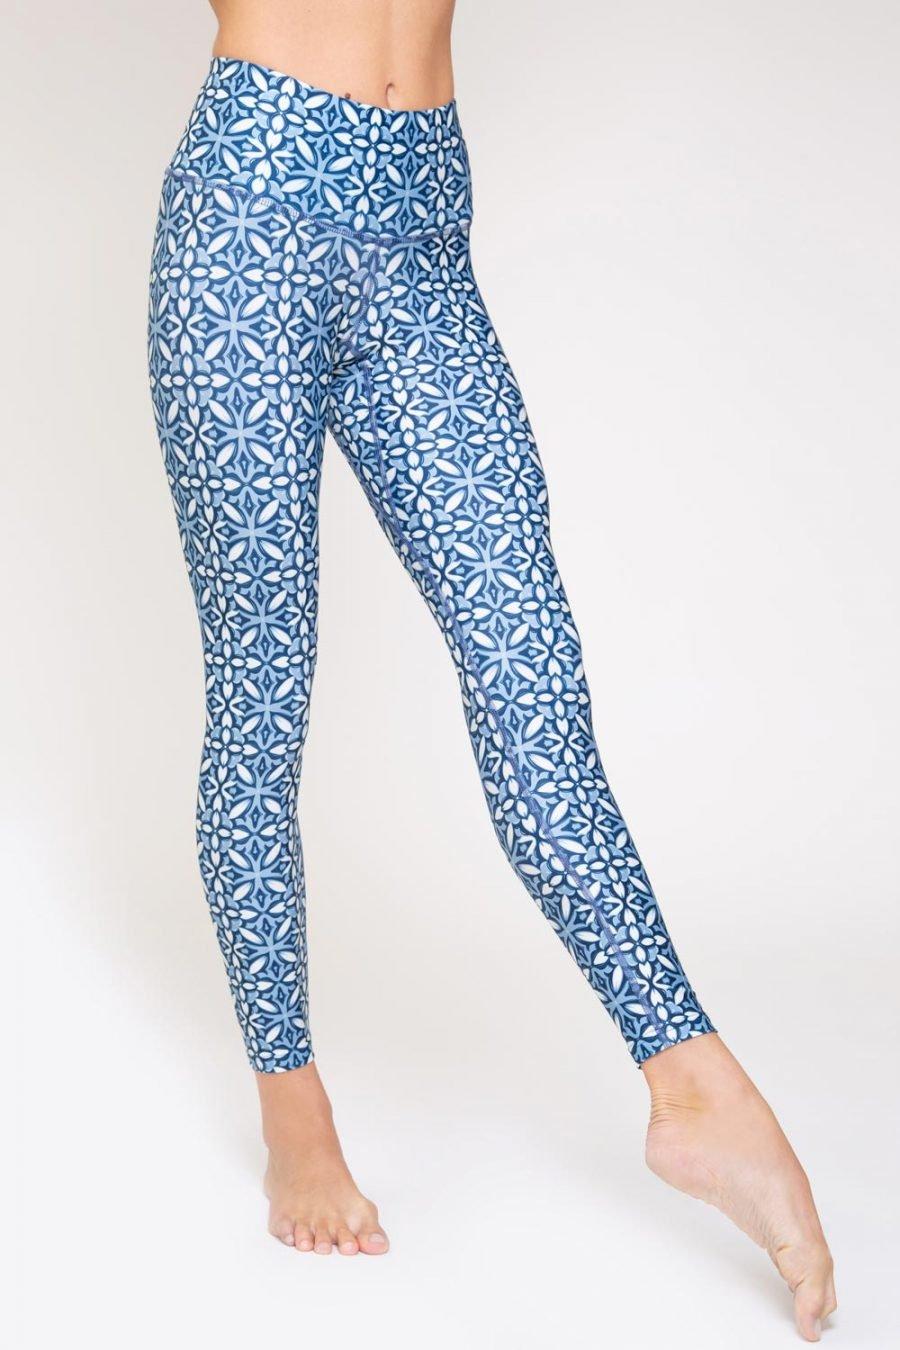 leggings mosaico abbigliamento yoga donna made in Italy colore blu